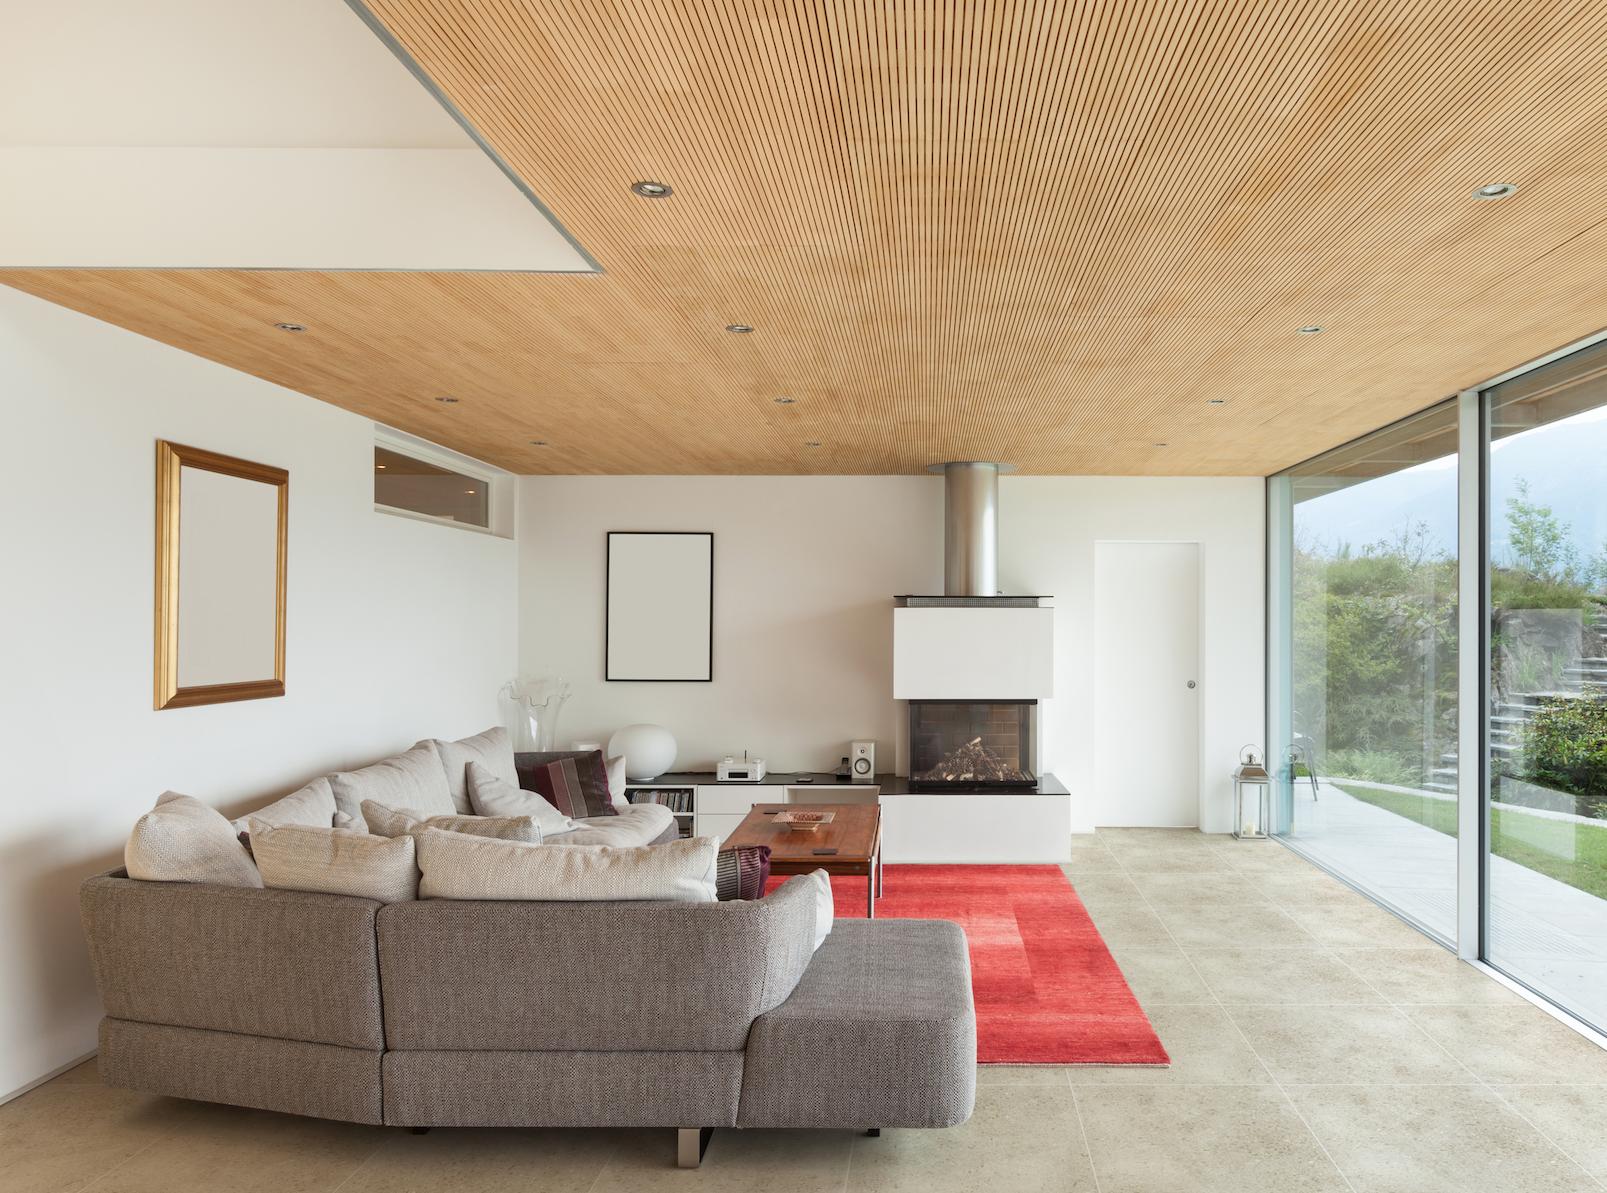 Dise o de interiores casas modernas piso para interiores cer mico esmaltado color gris - Disenos de pisos para interiores ...